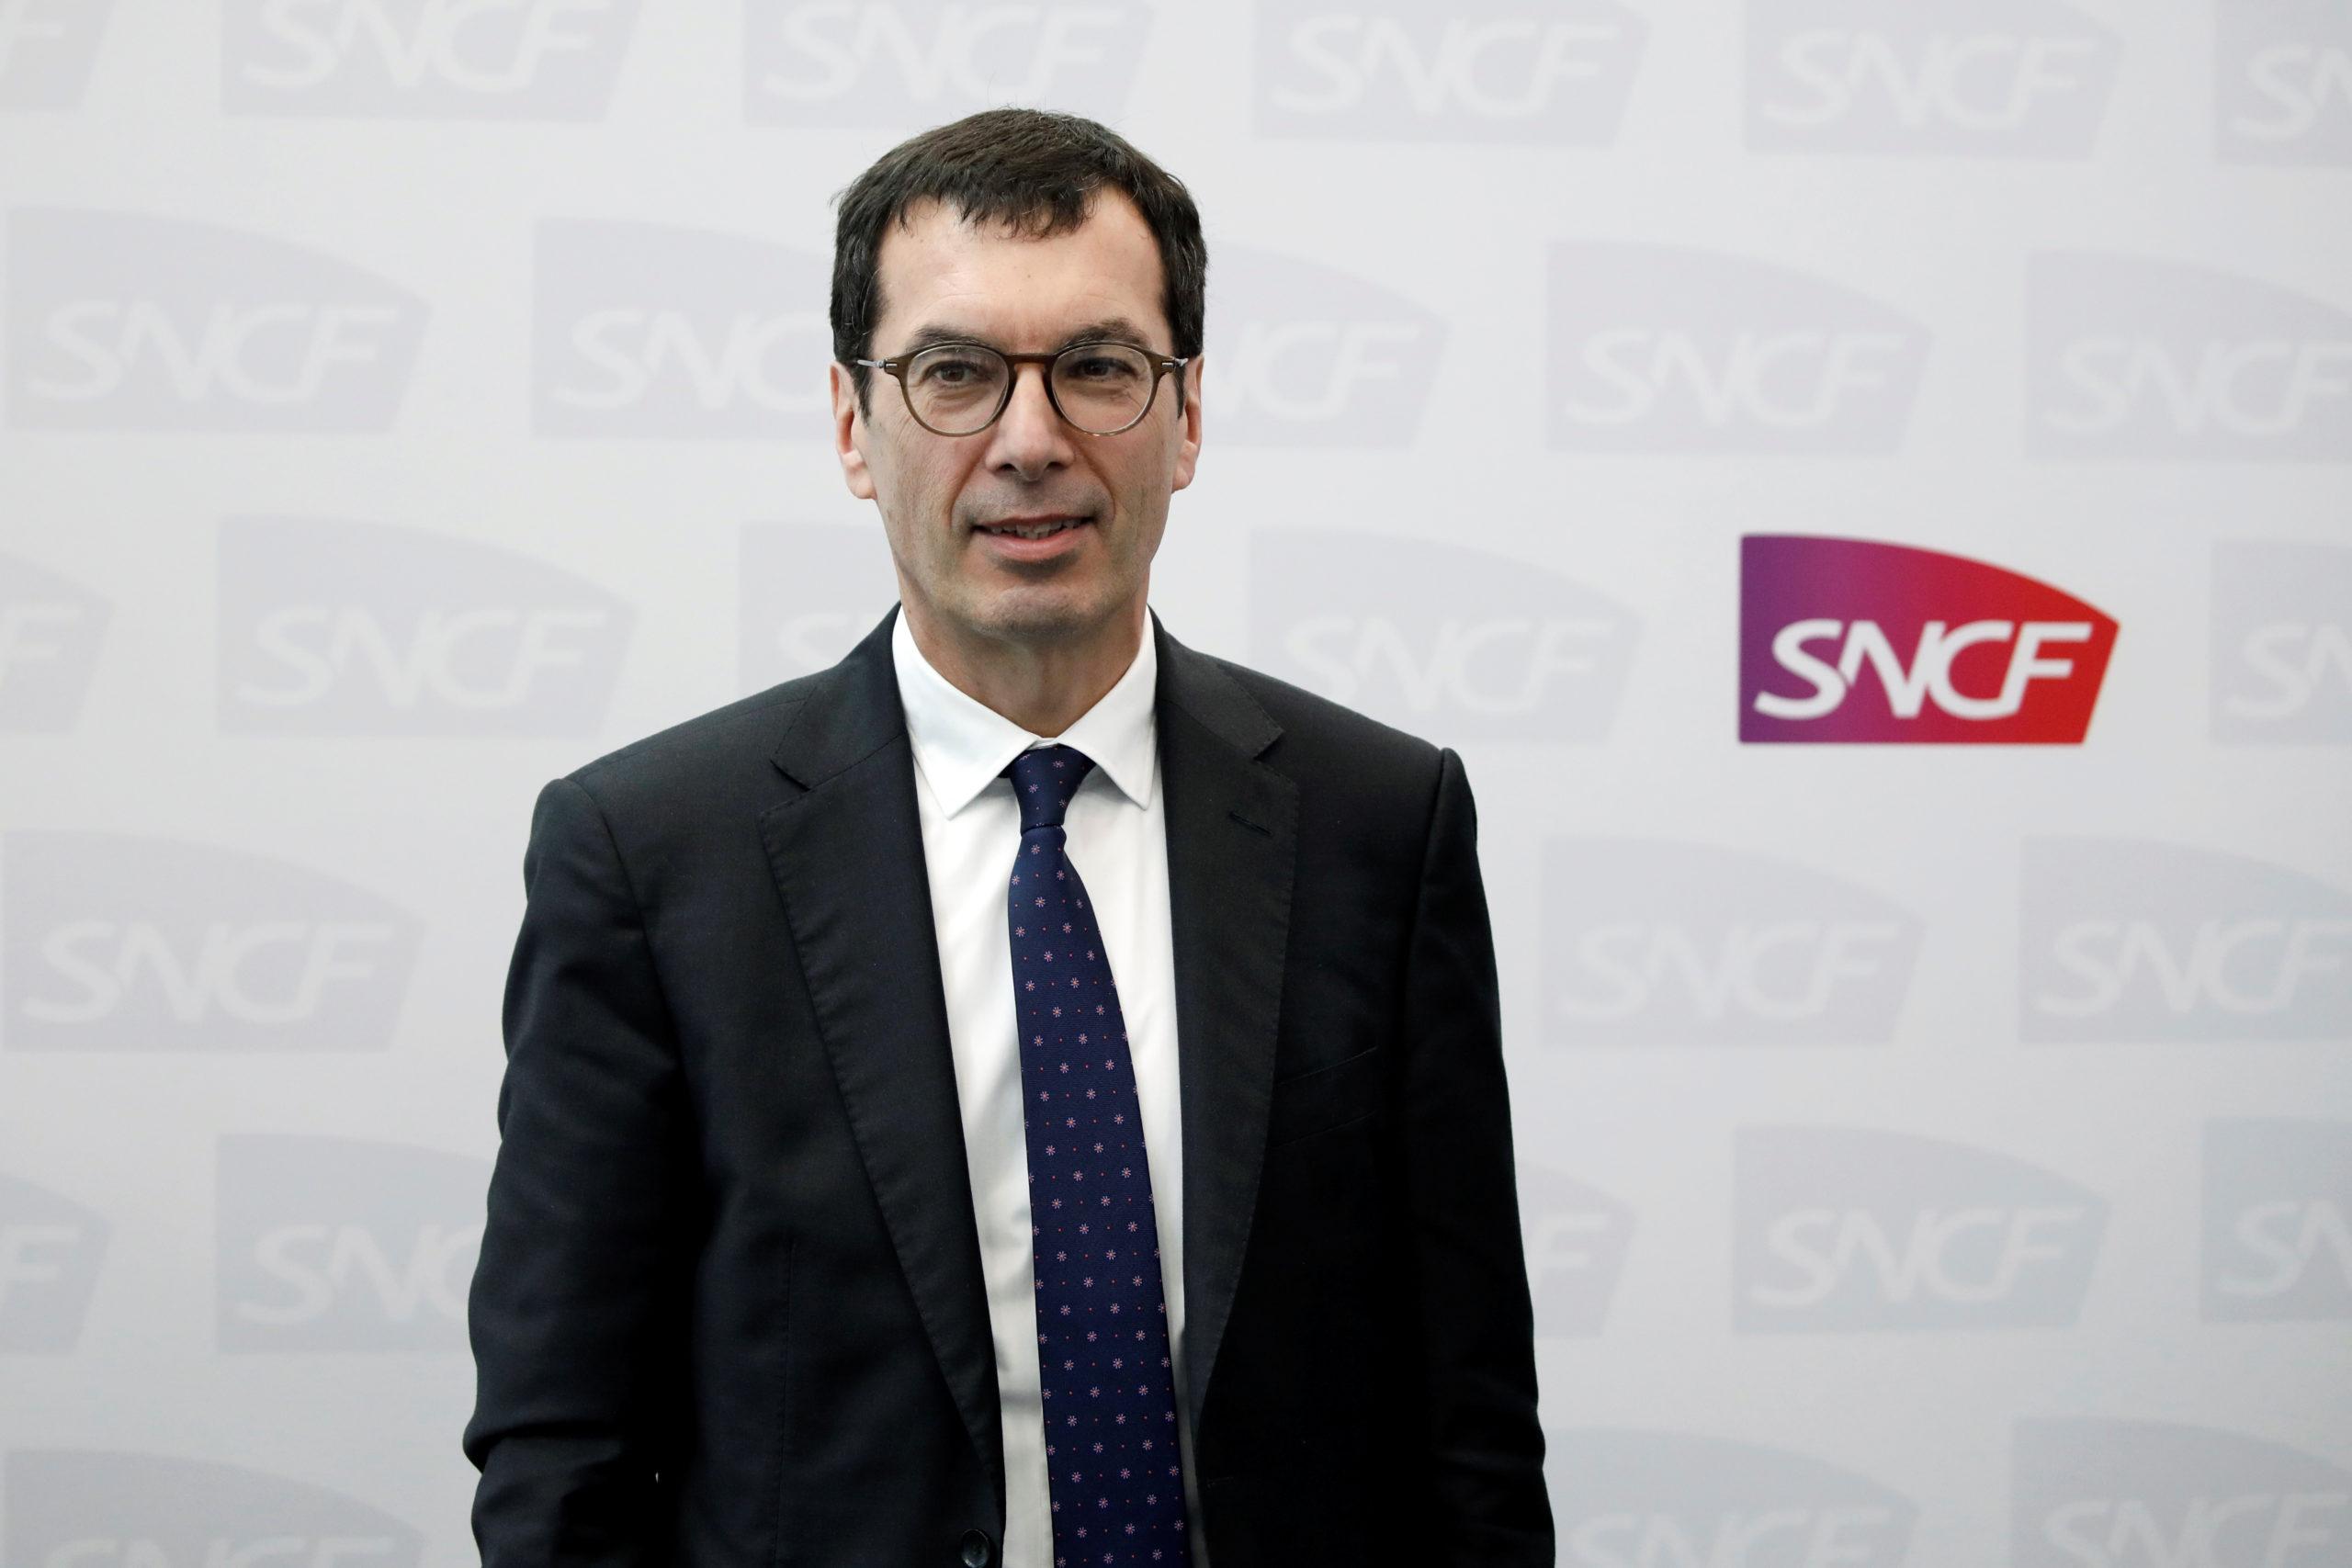 Le patron de la SNCF promet une simplification des tarifs